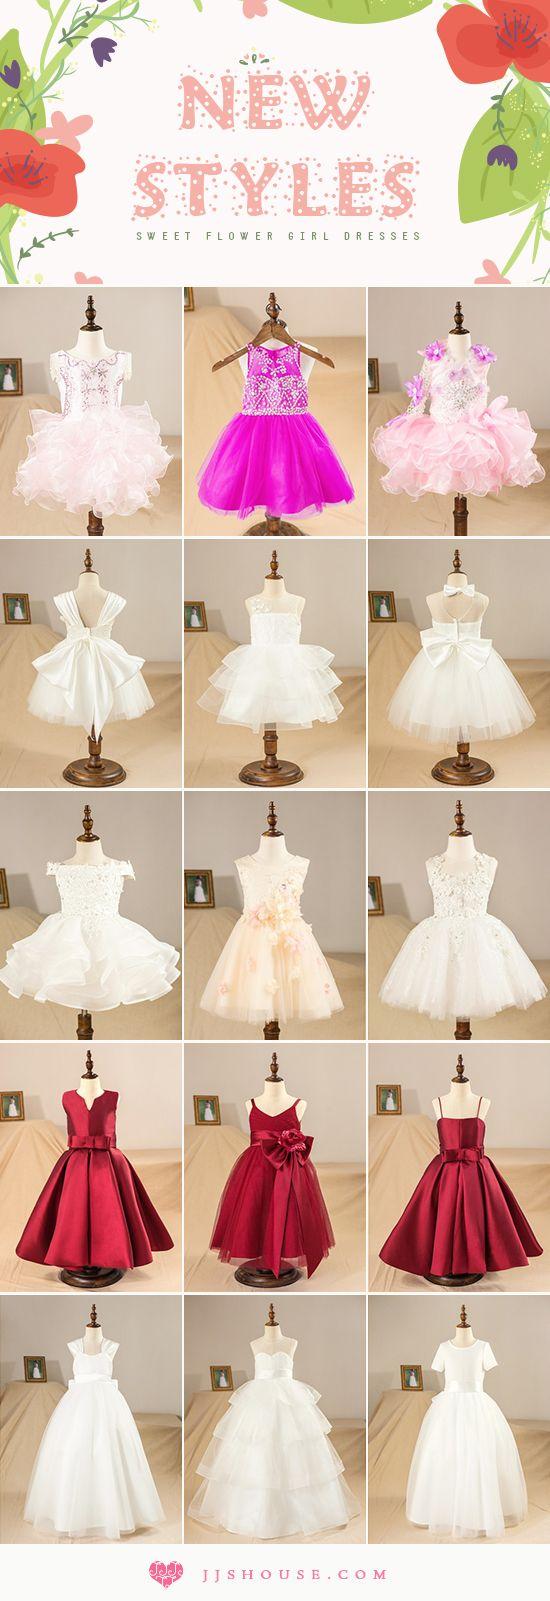 New Styles! Sweet Flower Girl Dresses #flowergirldress